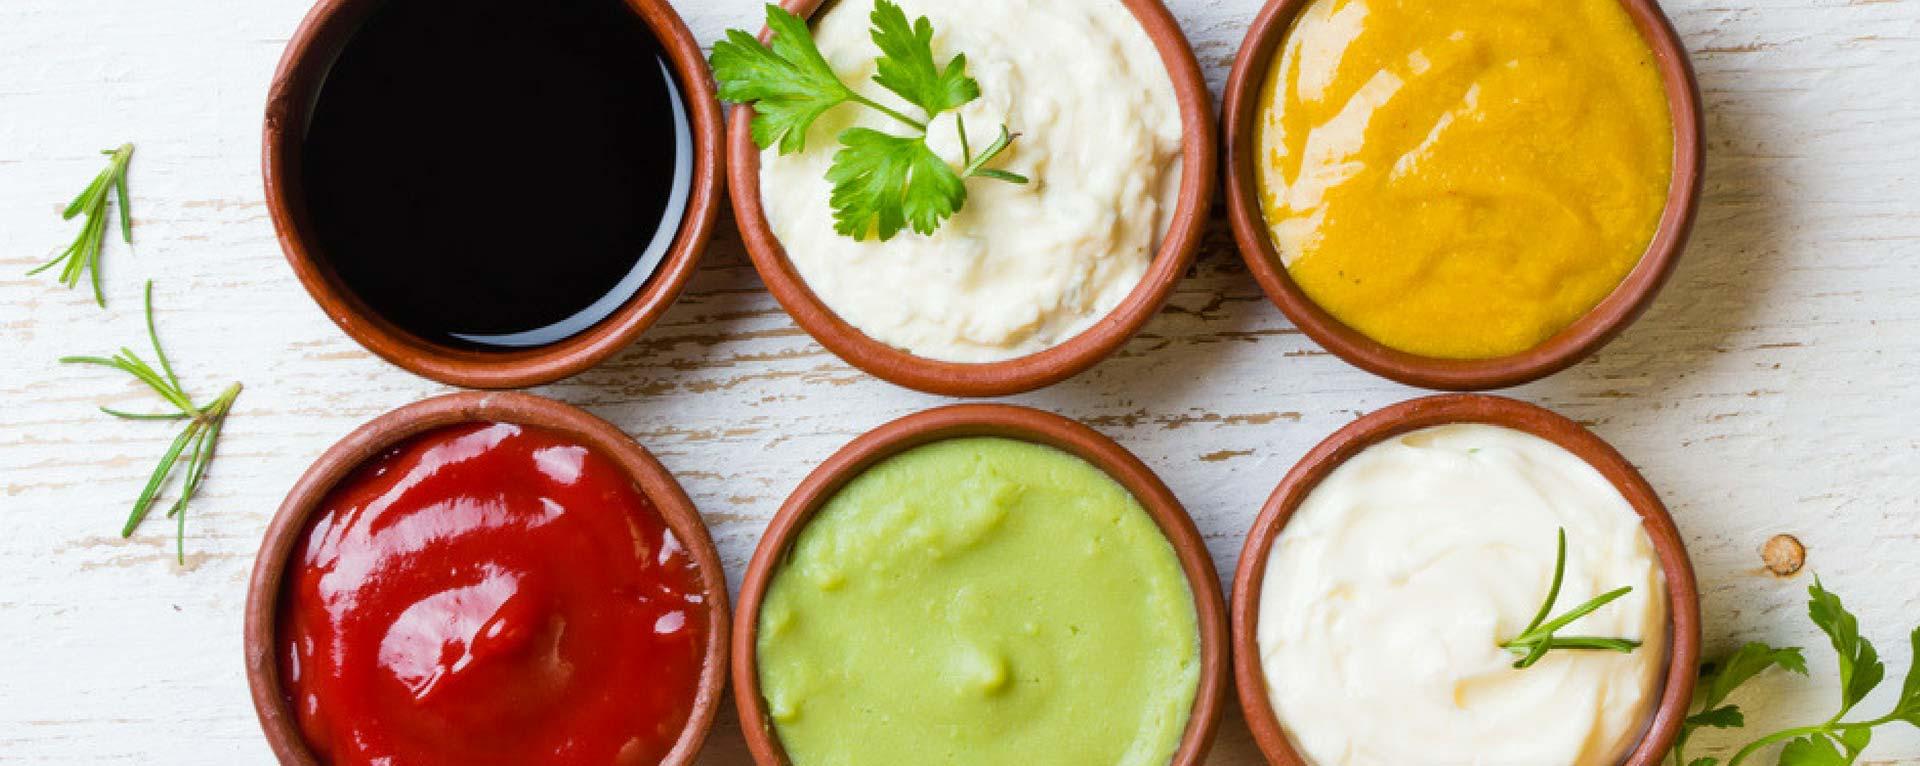 Salsas para cocinar: Un sector donde manda la innovación